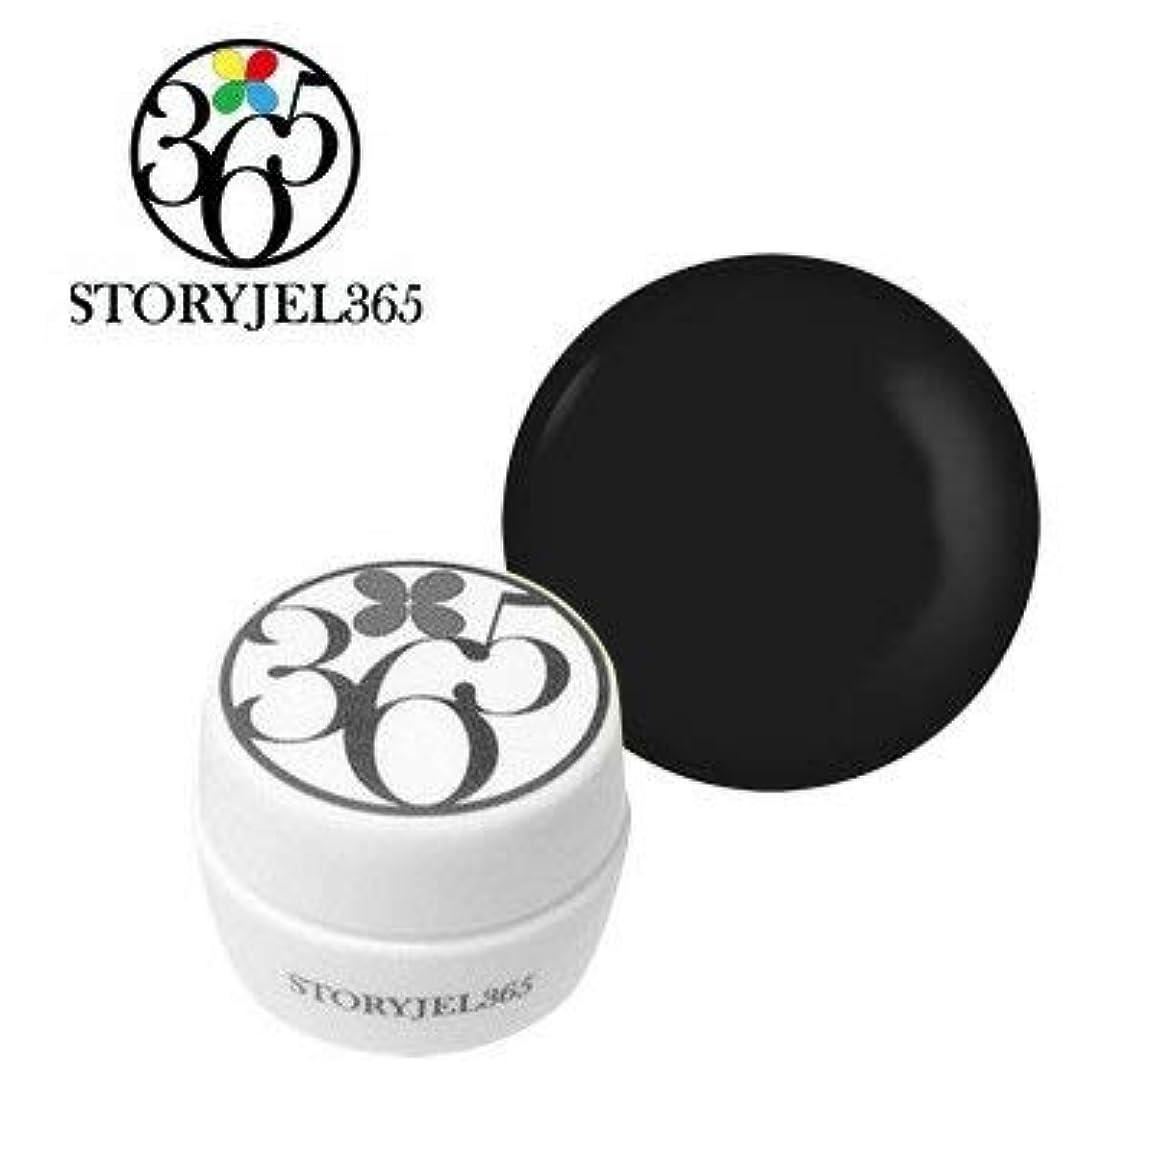 宇宙船ピンチ自動化STORYJEL365 カラージェル 5g (ストーリージェル) SJS-301M-D 聖なる石